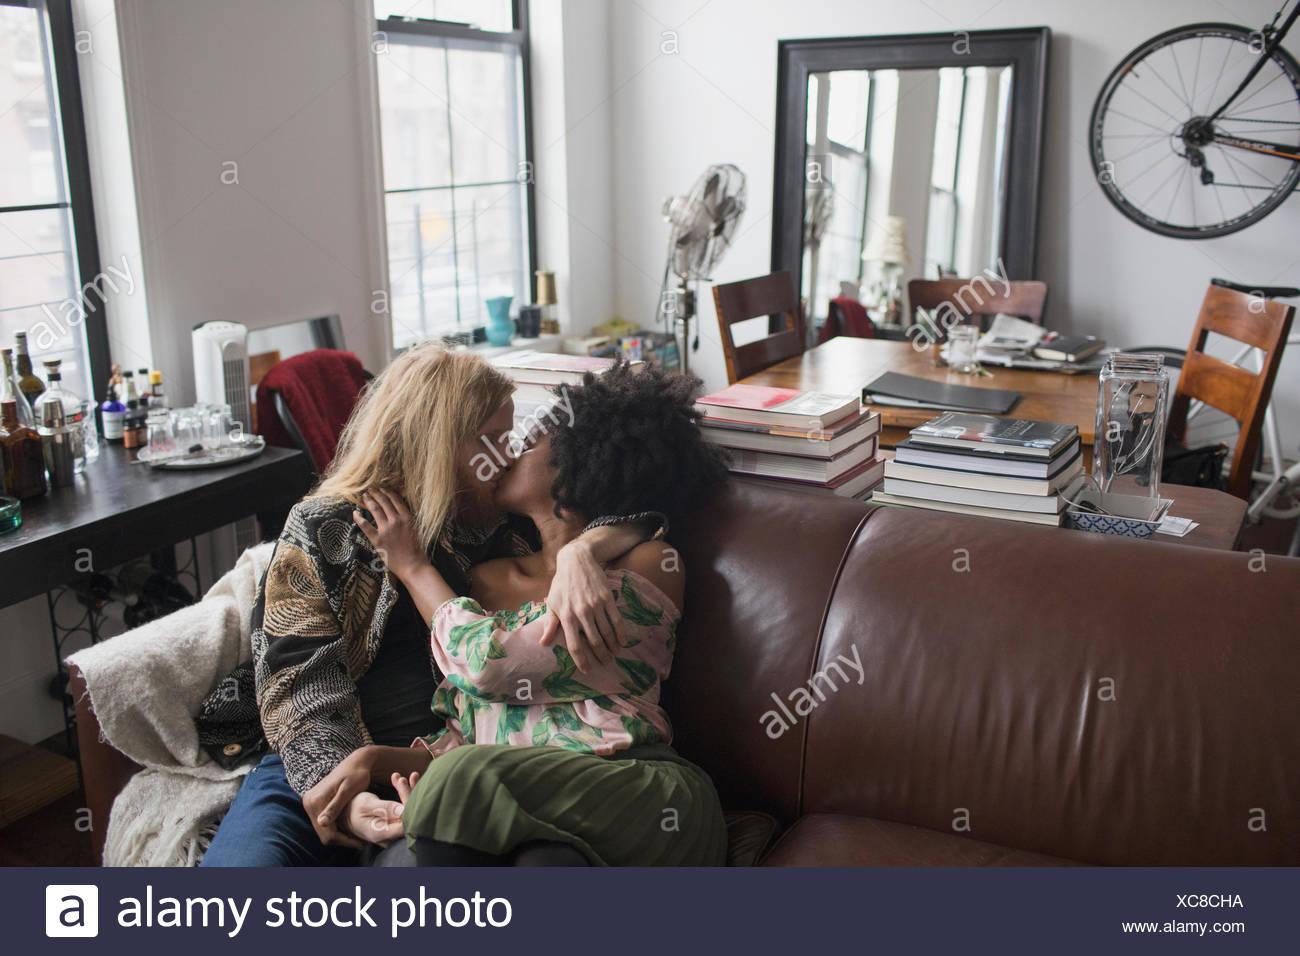 Foto Op Kussen : Ein junges paar küssen auf dem sofa stockfoto bild alamy